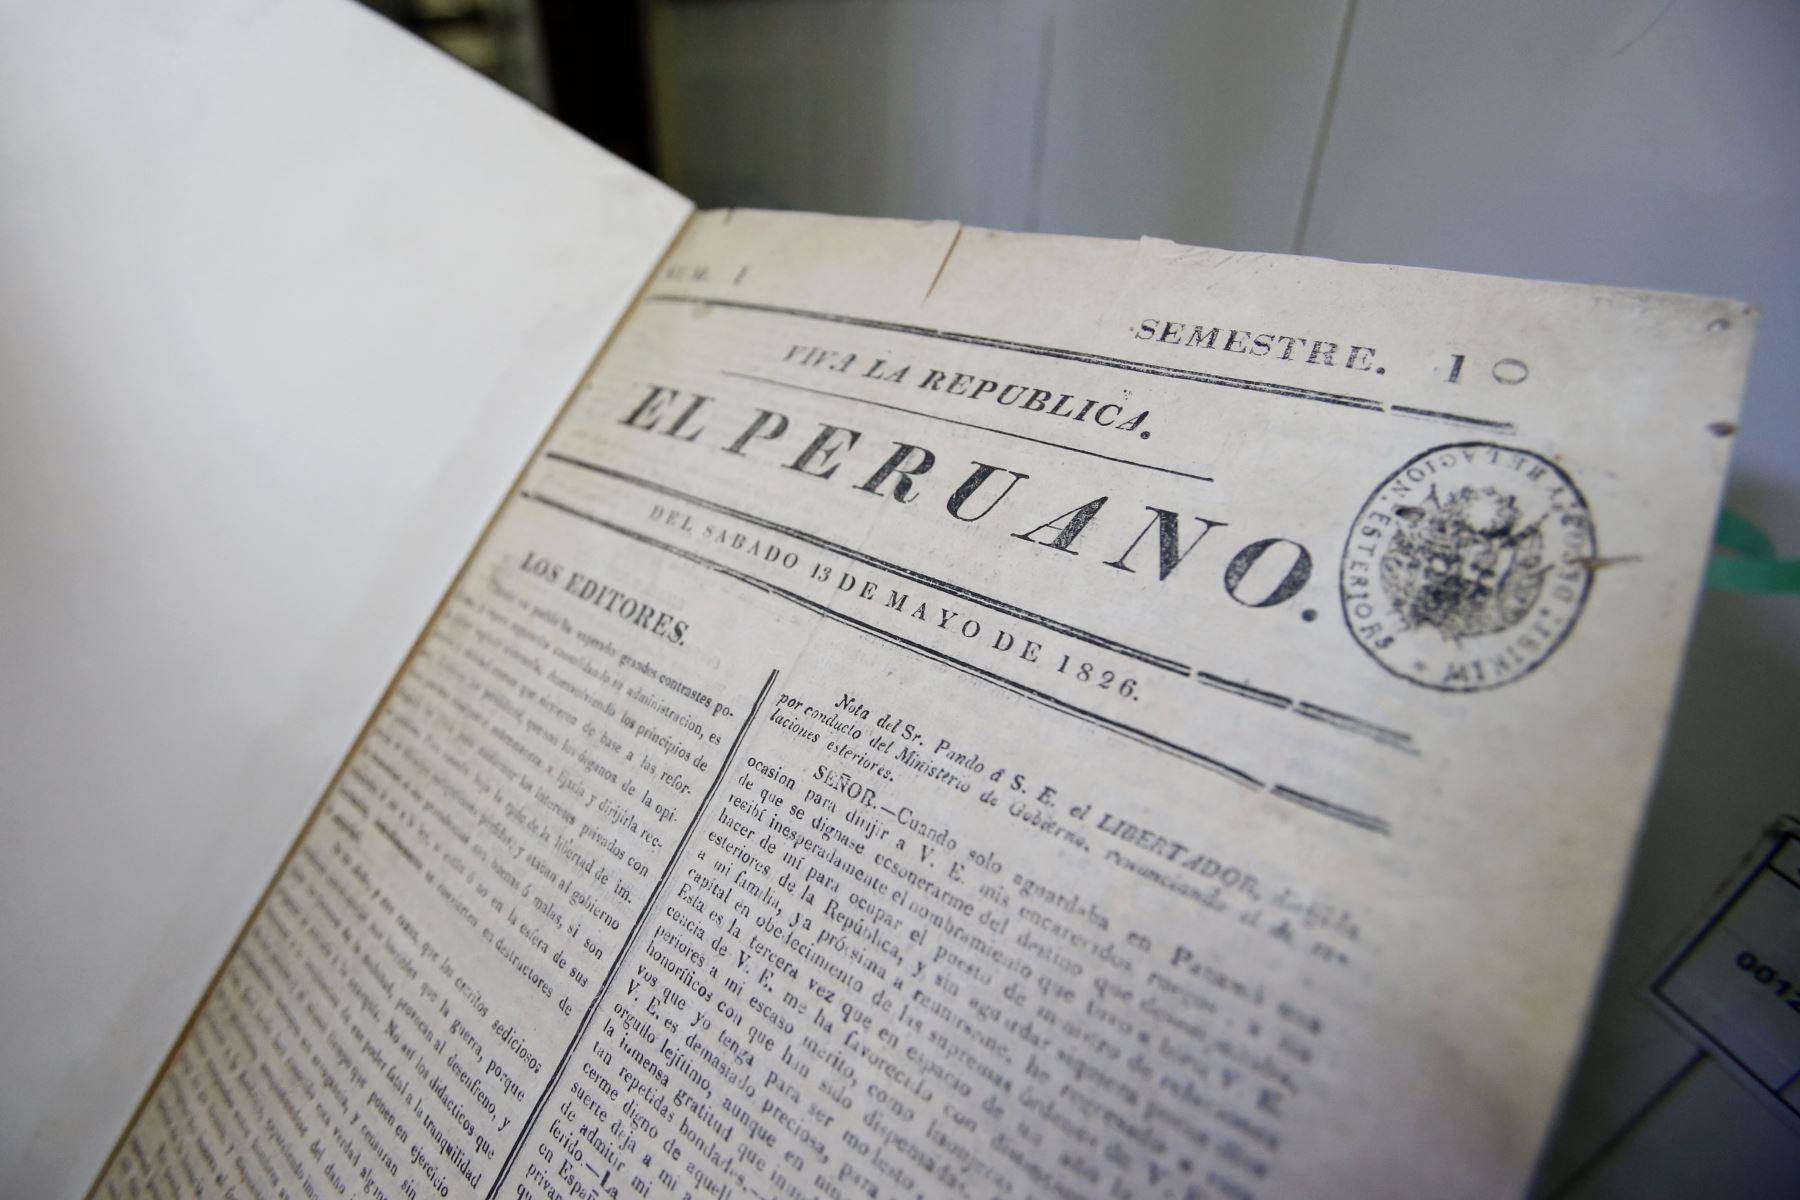 Este medio se fundó el 25 de octubre de 1825 como El Peruano Independiente, una publicación de cuatro páginas, en donde la última estaba escrita en inglés para informar sobre economía y negocios. ANDINA/ Andina